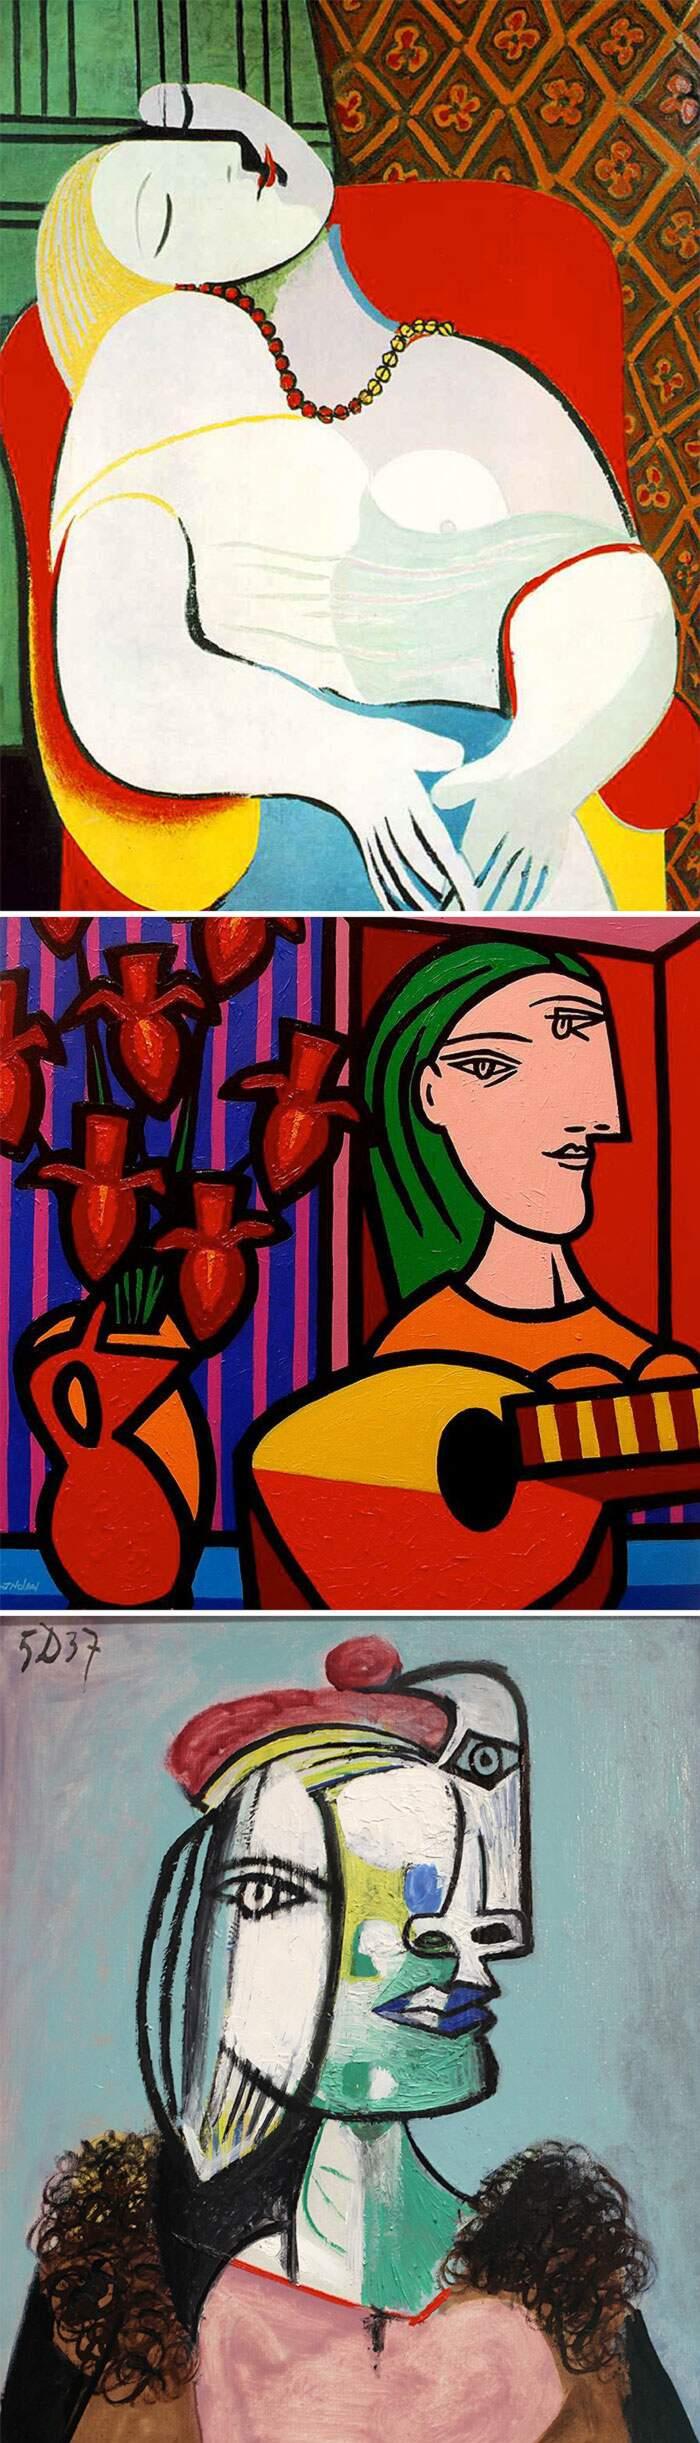 Come riconoscere artisti famosi dai loro quadri, Pablo Picasso